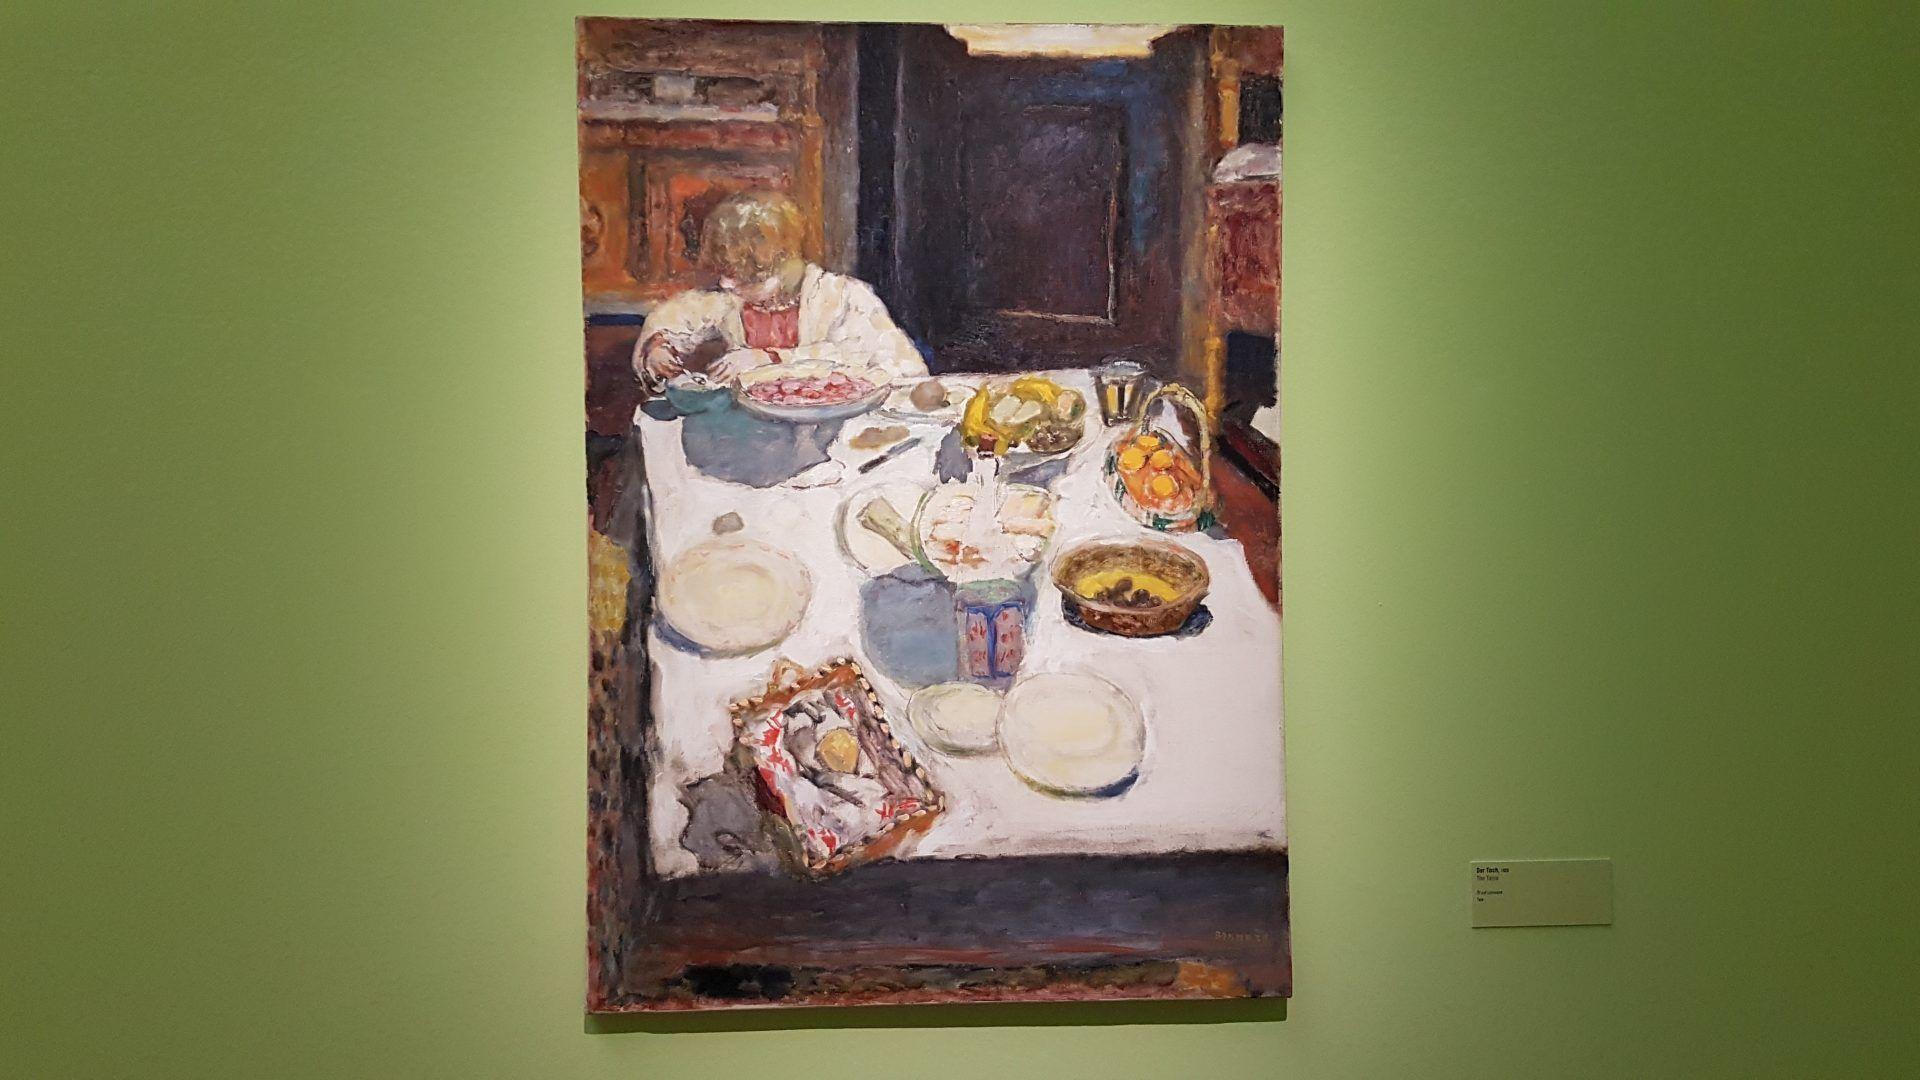 """Картина Боннара """"Завтрак"""" в экспозиции выставки Пьера Боннара в Кунстфоруме Форума Австрия, 2019"""